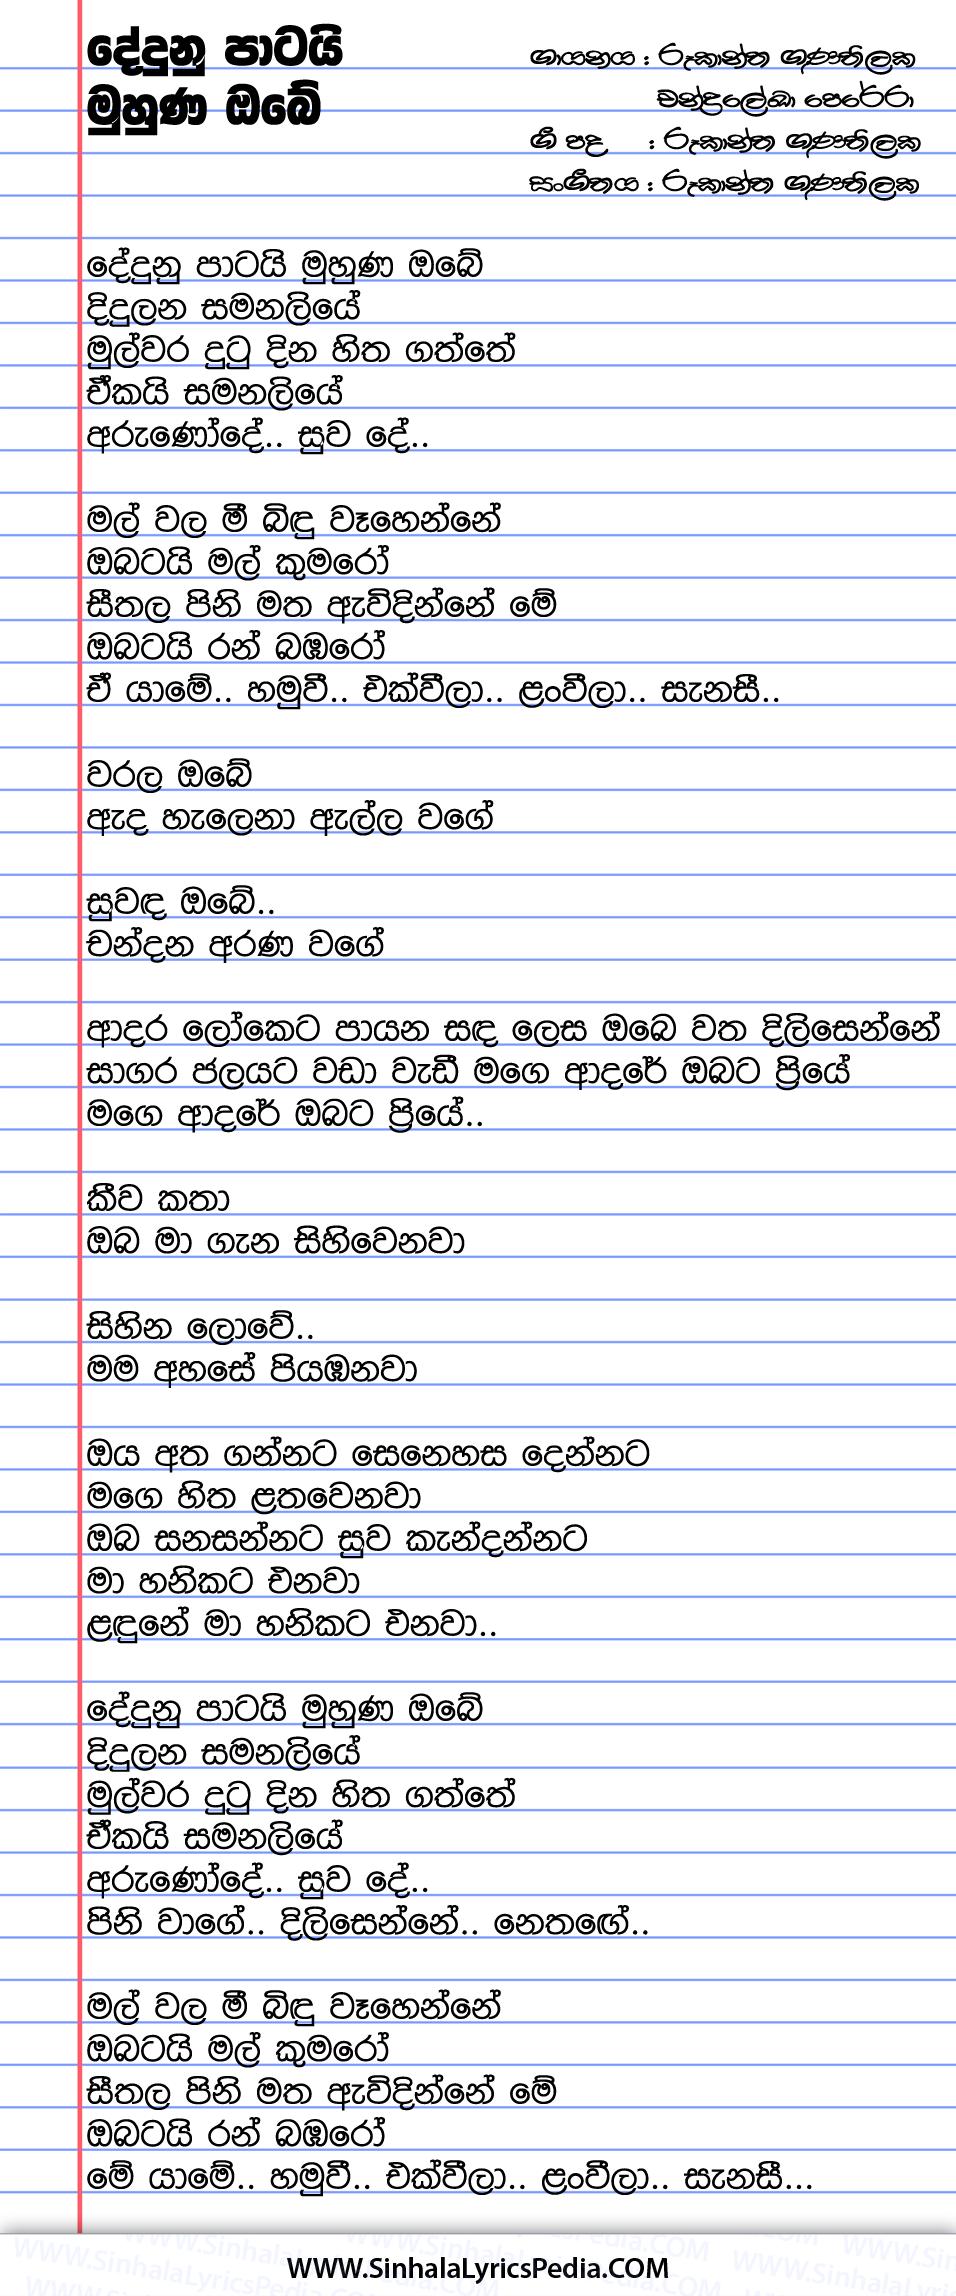 Dedunu Patai Muhuna Obe Song Lyrics